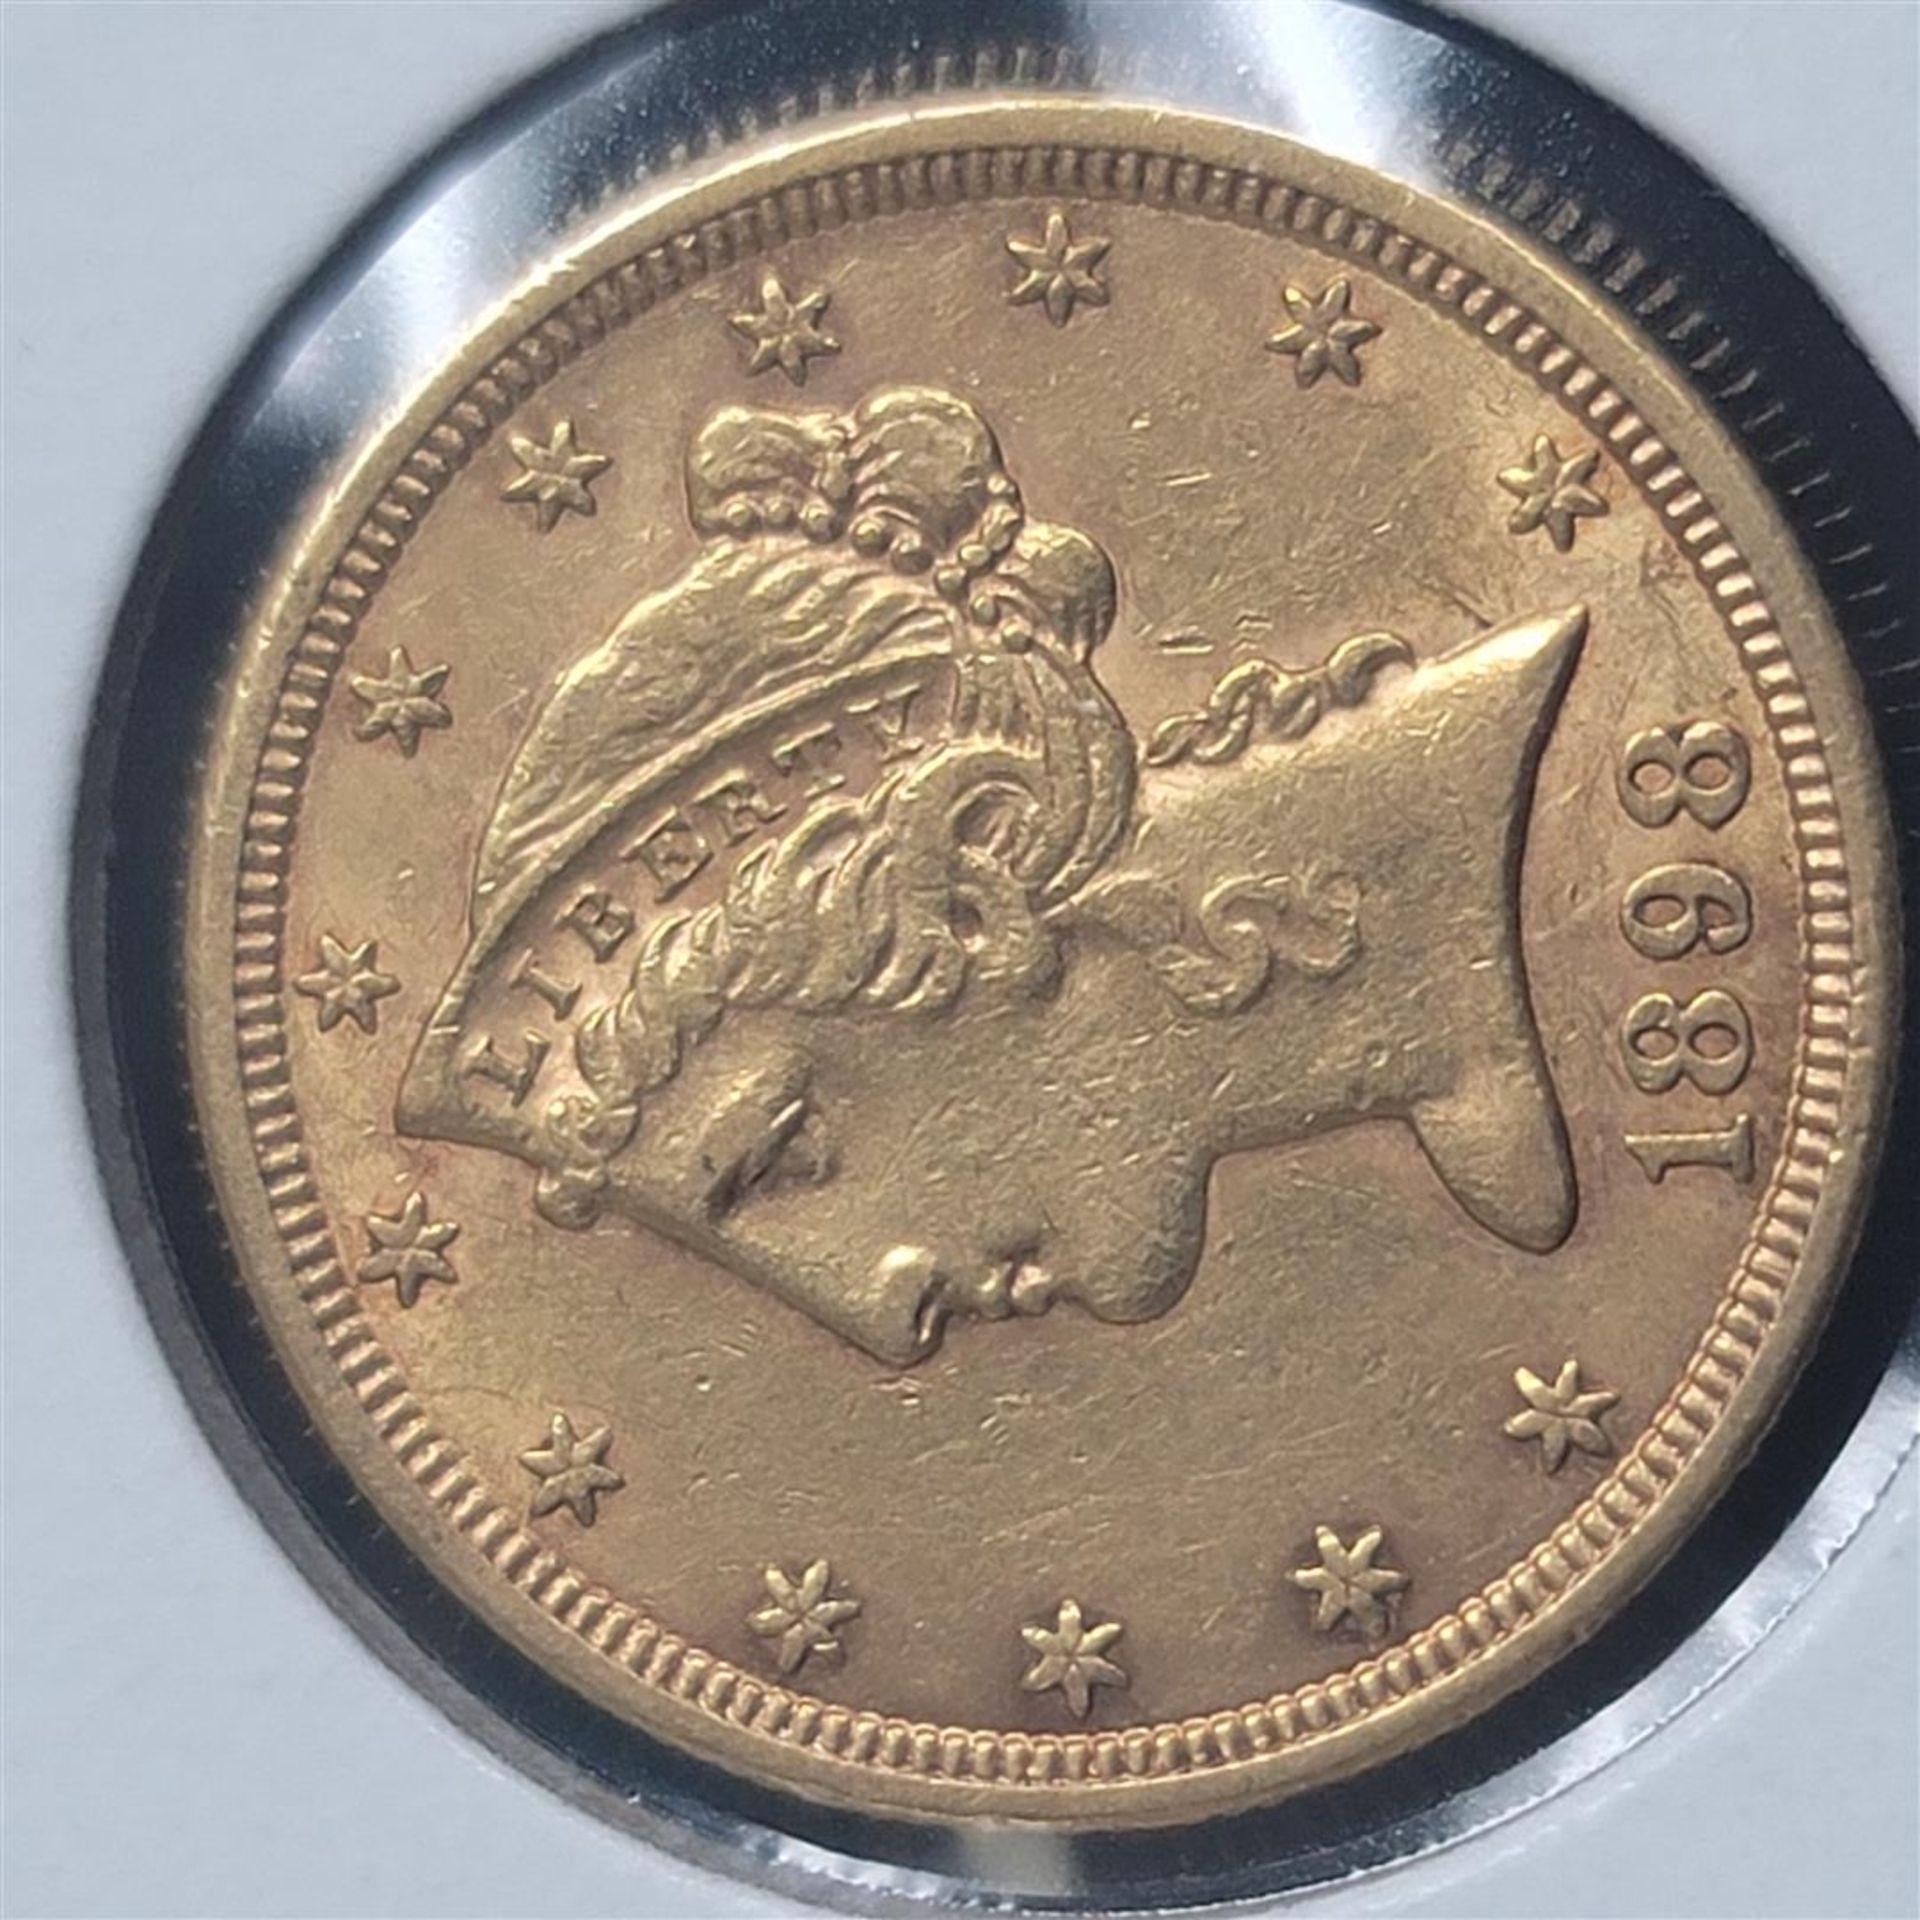 1898-S $5 Liberty Head Half Eagle AU - Image 2 of 4